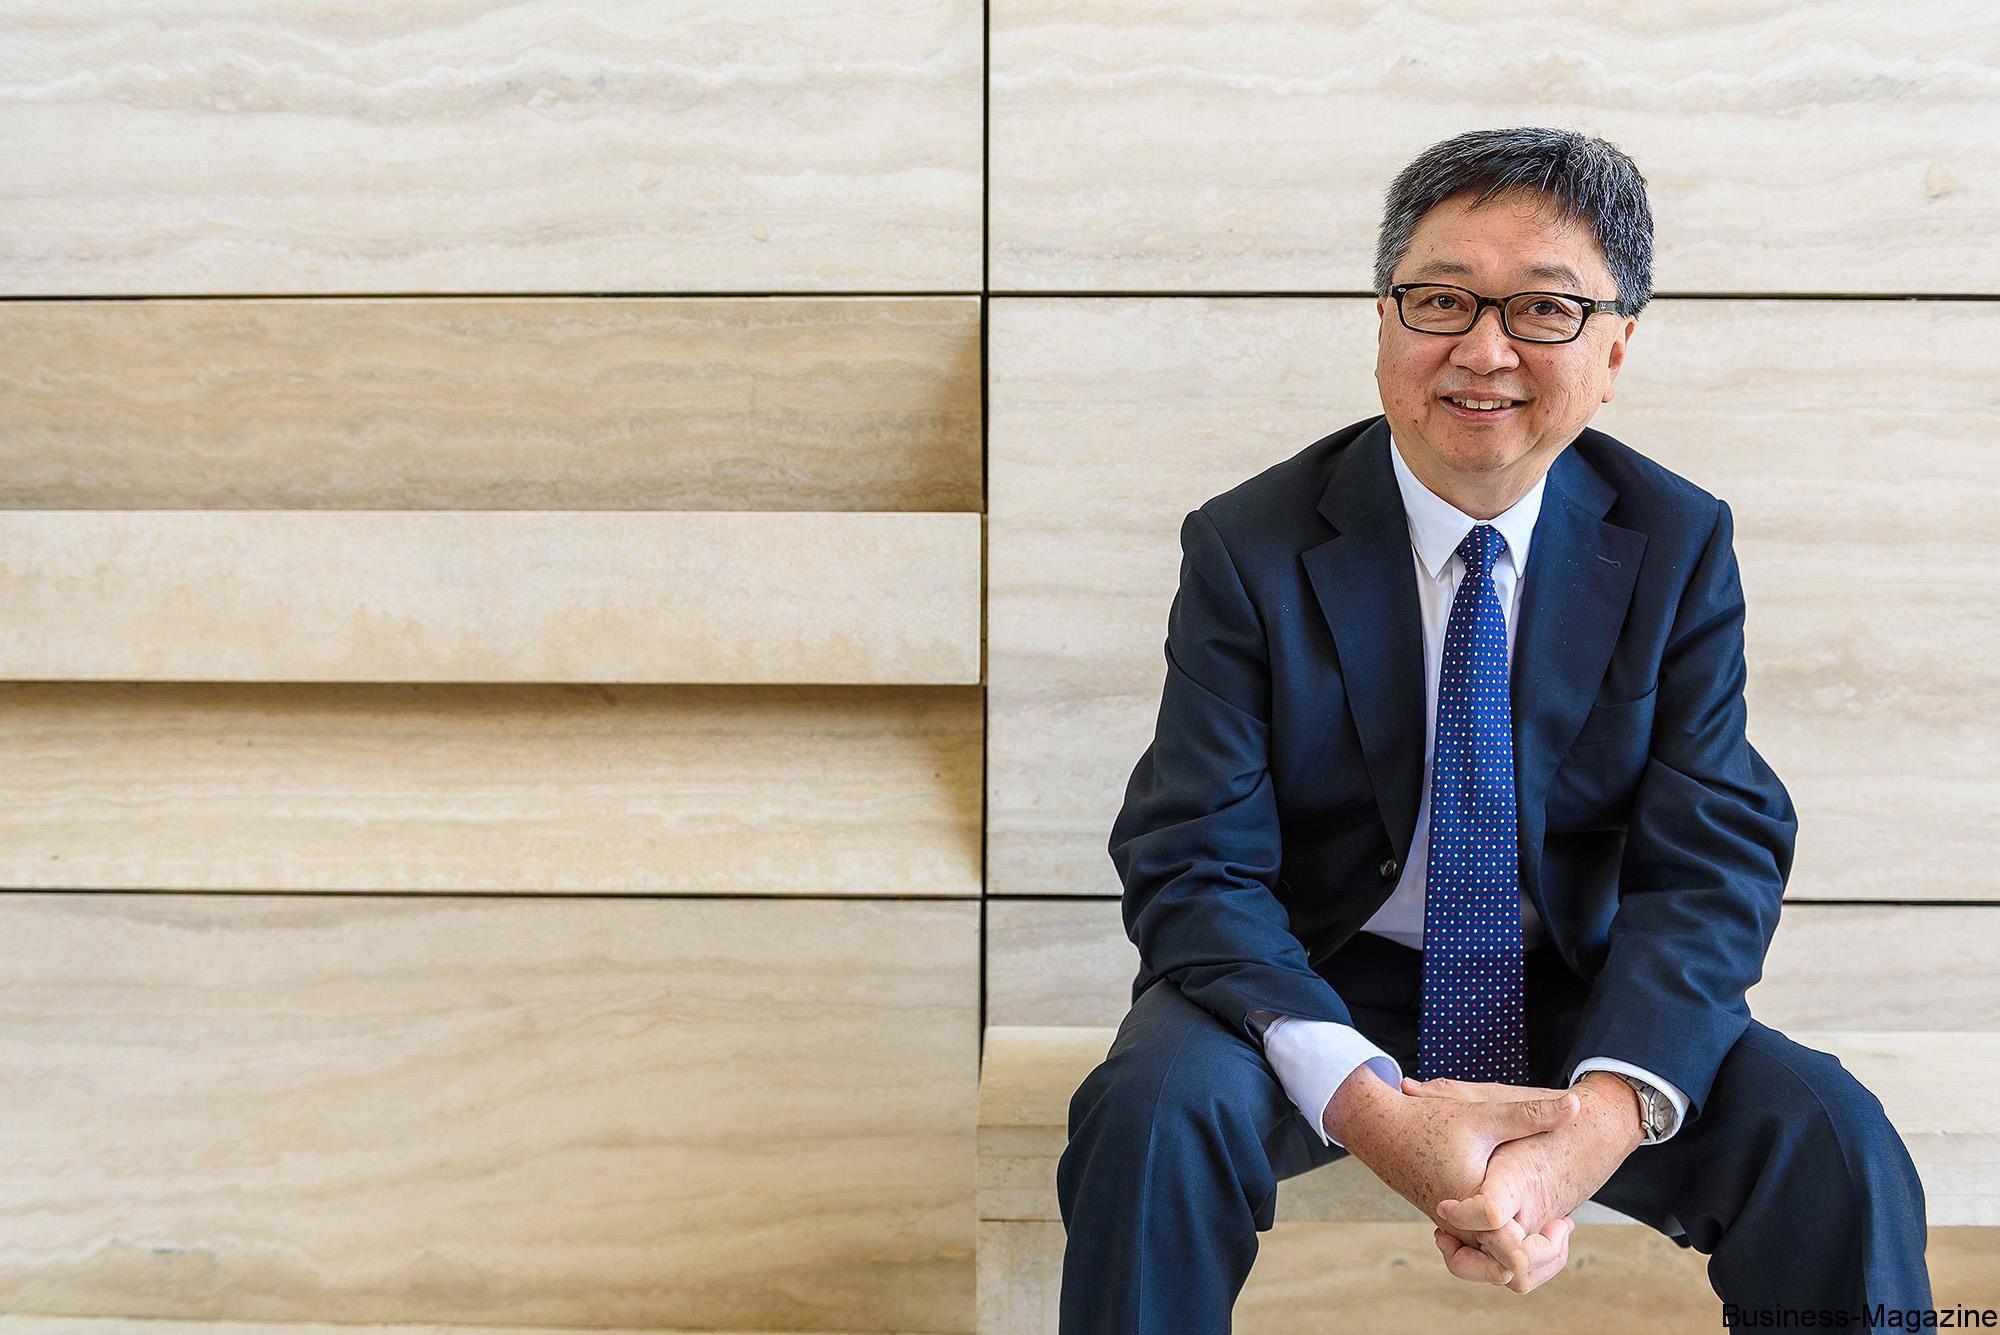 La MCB élue Bank of the year pour la 5e fois en 6 ans   business-magazine.mu